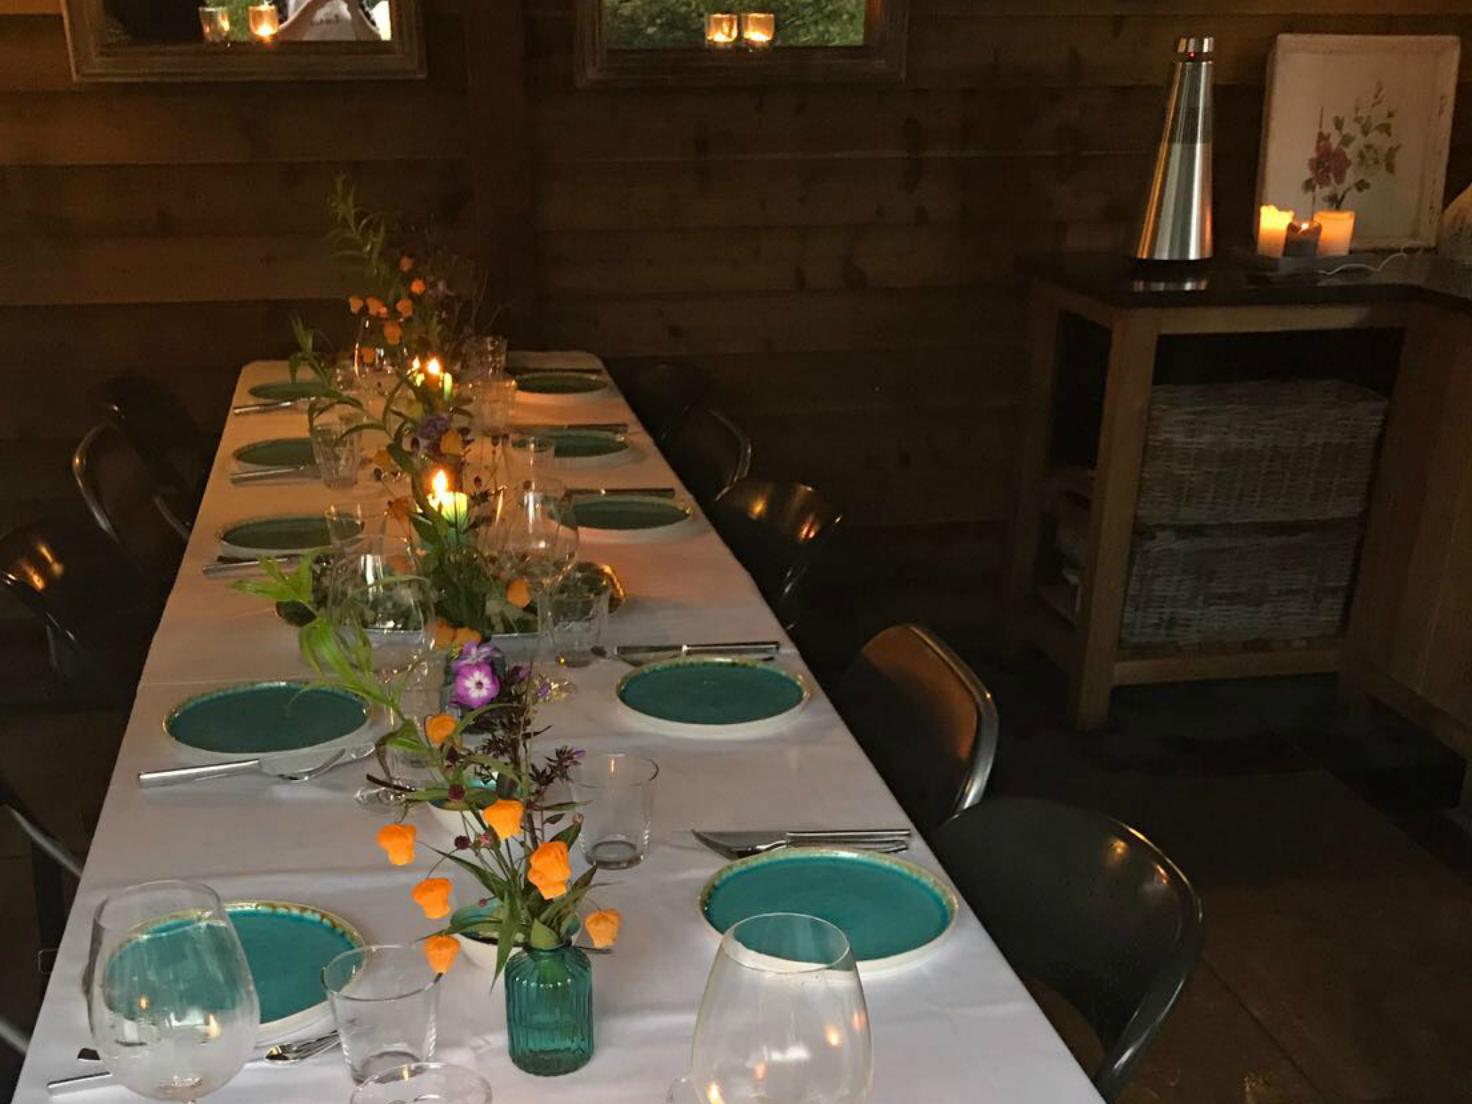 Diner, helemaal klaar om de gasten te ontvangen,